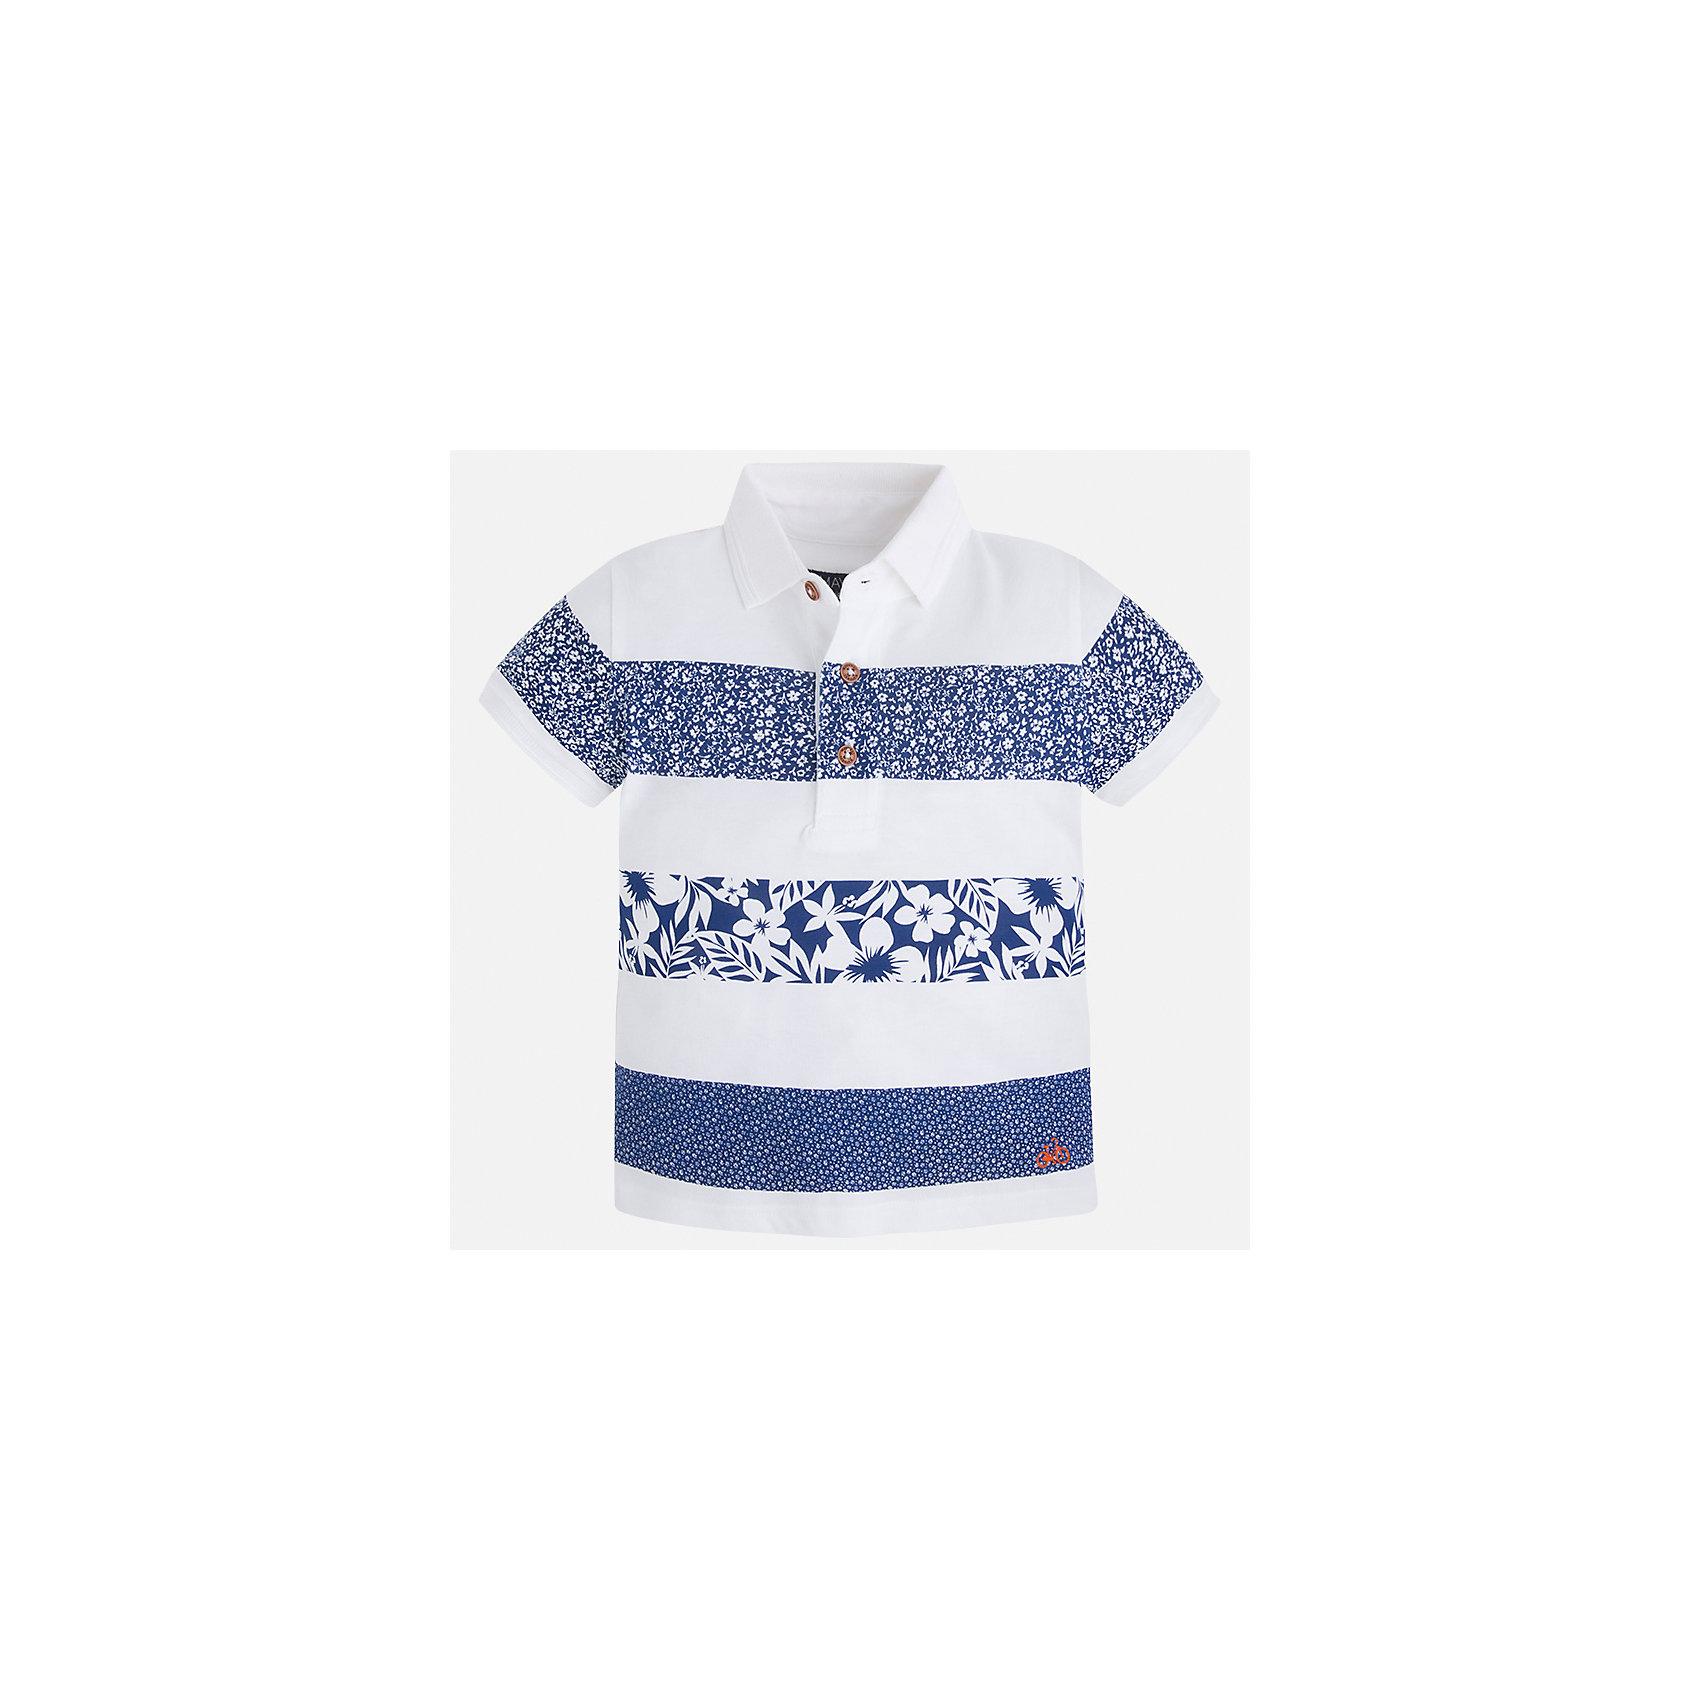 Футболка-поло для мальчика MayoralПолоска<br>Характеристики товара:<br><br>• цвет: белый/синий<br>• состав: 100% хлопок<br>• отложной воротник<br>• короткие рукава<br>• застежка: пуговицы<br>• принт<br>• страна бренда: Испания<br><br>Модная футболка-поло для мальчика может стать базовой вещью в гардеробе ребенка. Она отлично сочетается с брюками, шортами, джинсами и т.д. Универсальный крой и цвет позволяет подобрать к вещи низ разных расцветок. Практичное и стильное изделие! В составе материала - только натуральный хлопок, гипоаллергенный, приятный на ощупь, дышащий.<br><br>Одежда, обувь и аксессуары от испанского бренда Mayoral полюбились детям и взрослым по всему миру. Модели этой марки - стильные и удобные. Для их производства используются только безопасные, качественные материалы и фурнитура. Порадуйте ребенка модными и красивыми вещами от Mayoral! <br><br>Футболку-поло для мальчика от испанского бренда Mayoral (Майорал) можно купить в нашем интернет-магазине.<br><br>Ширина мм: 199<br>Глубина мм: 10<br>Высота мм: 161<br>Вес г: 151<br>Цвет: белый<br>Возраст от месяцев: 48<br>Возраст до месяцев: 60<br>Пол: Мужской<br>Возраст: Детский<br>Размер: 110,104,92,98,134,116,122,128<br>SKU: 5280354